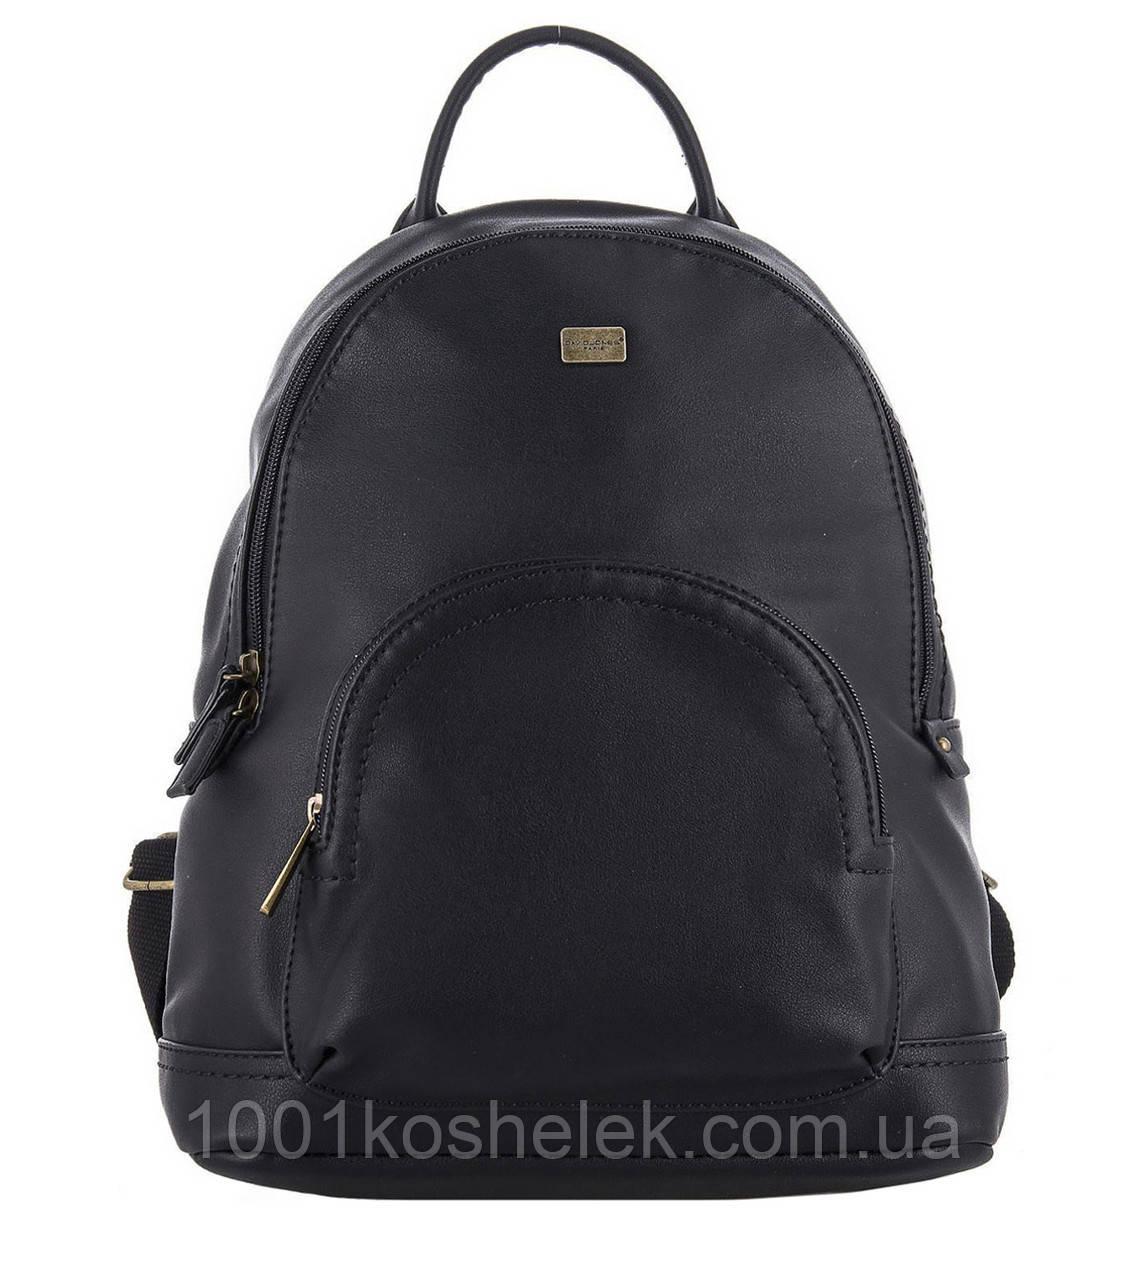 Рюкзак David Jones CM3937 (Черный)